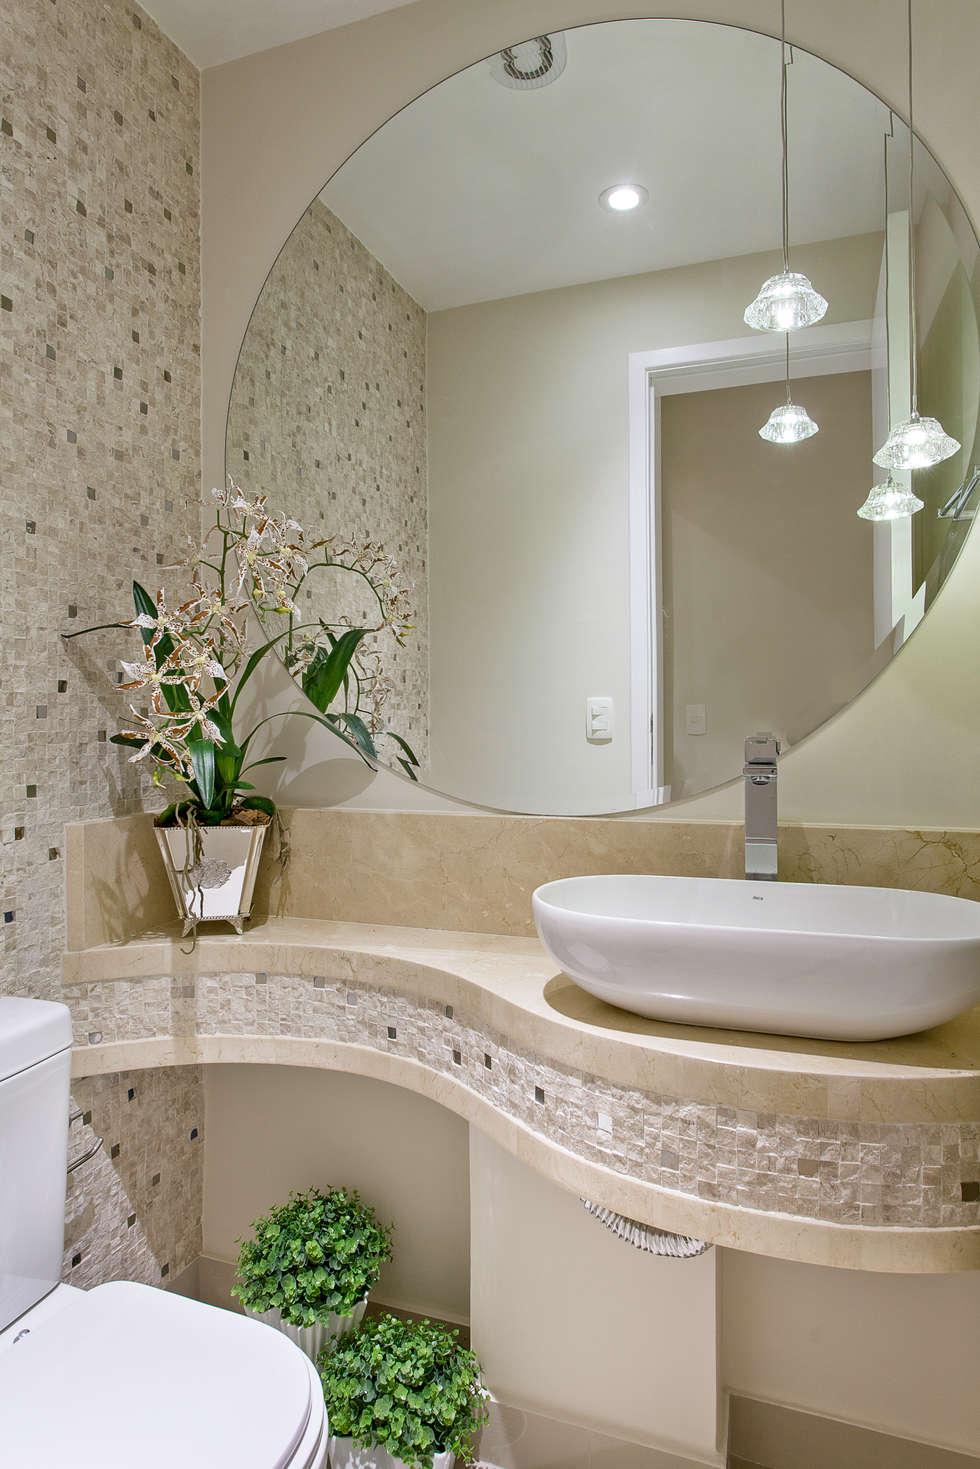 Fotos de banheiros modernos apartamento jundiaí  homify -> Armario Banheiro Jundiai